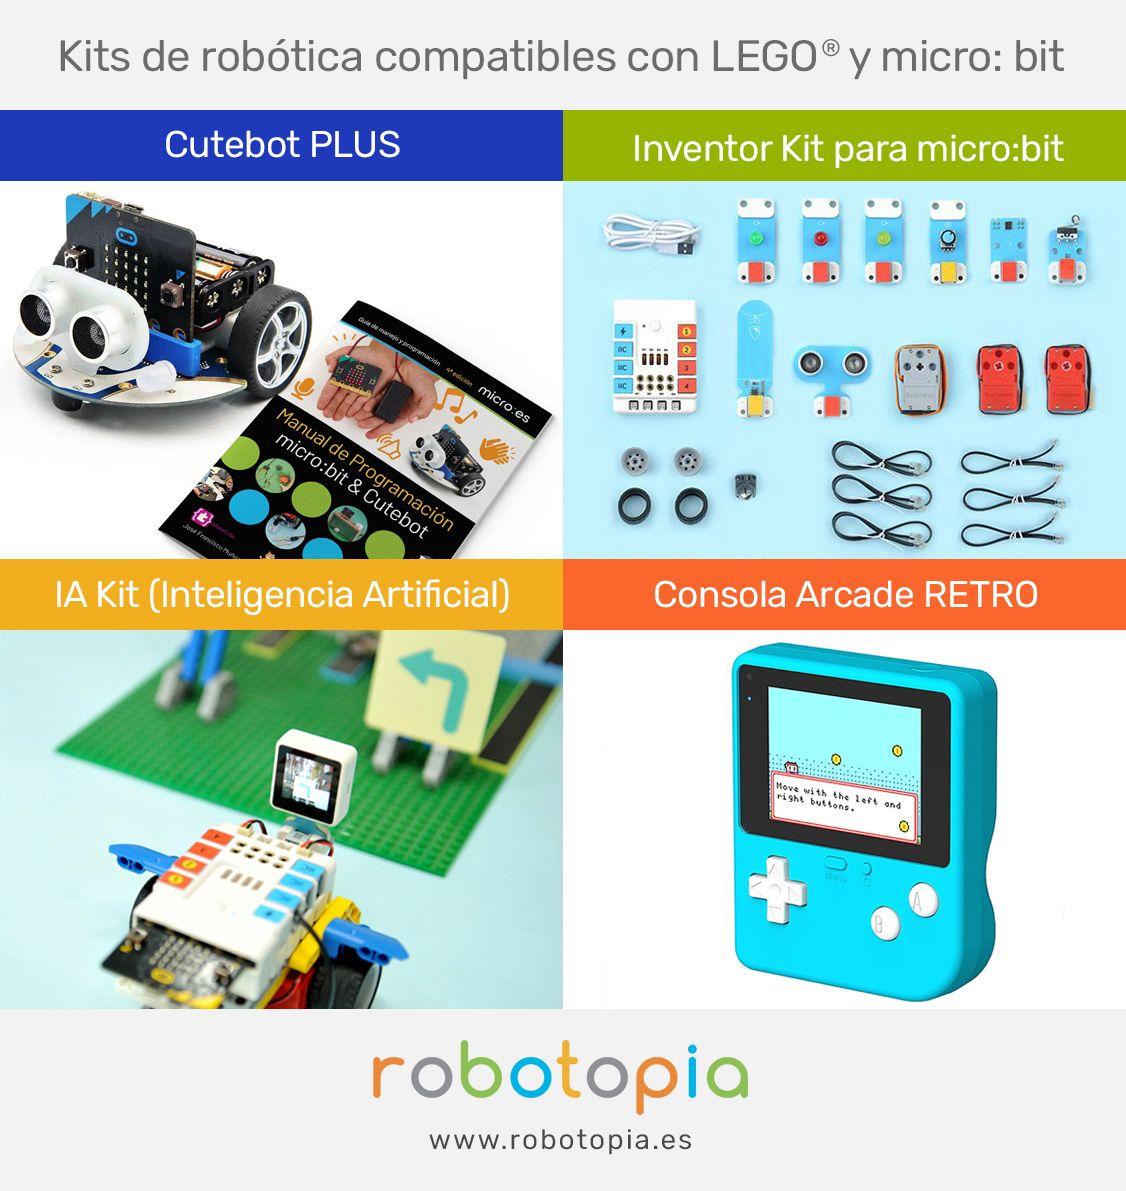 Fotografia kits de robótica compatibles con micro:bit para usar en